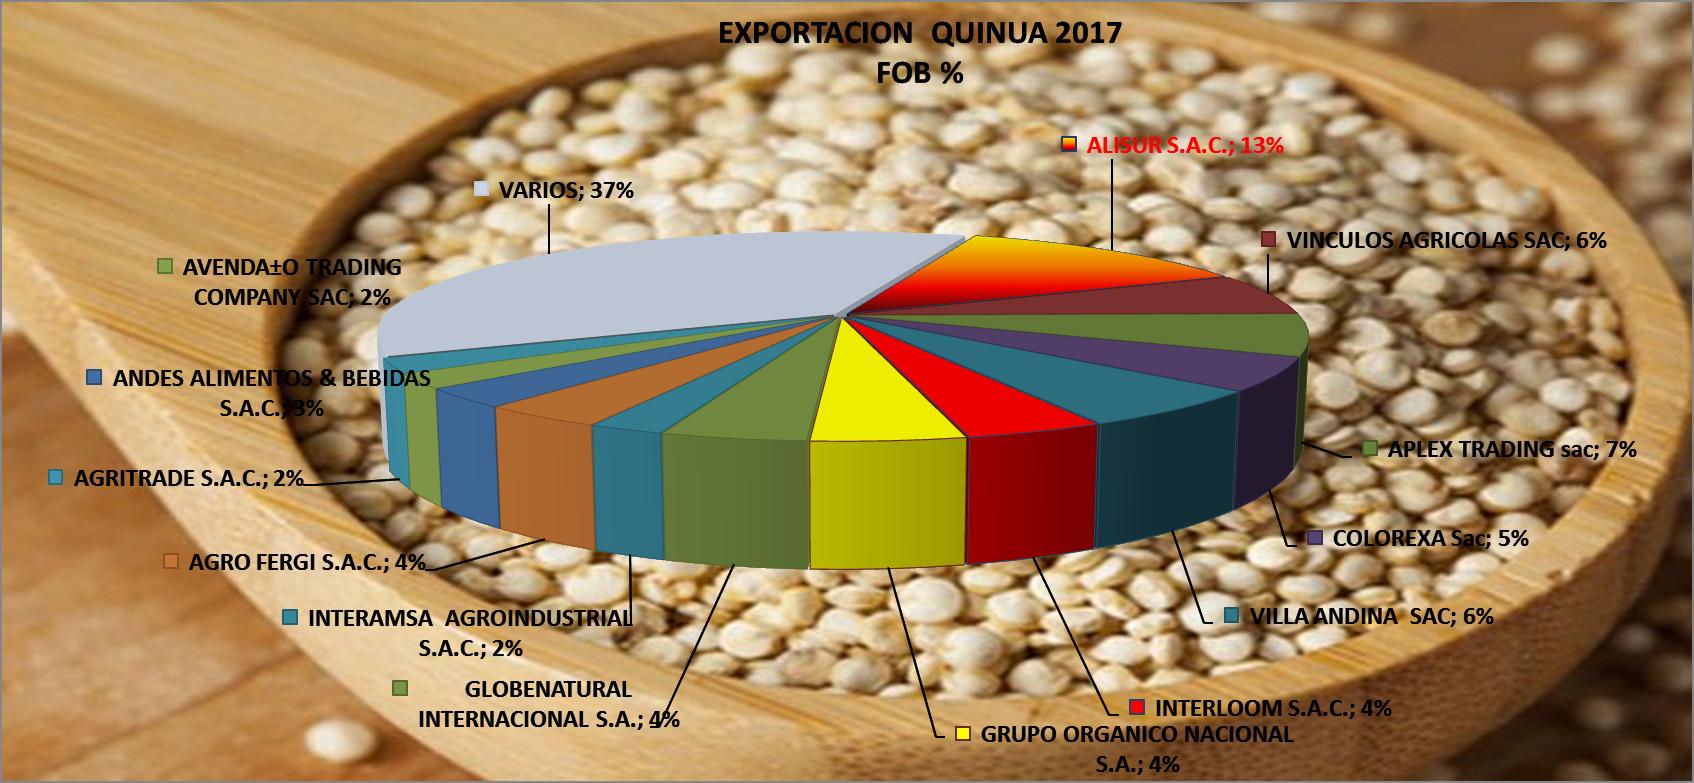 Quinua Perú Exportación 2017 Mayo